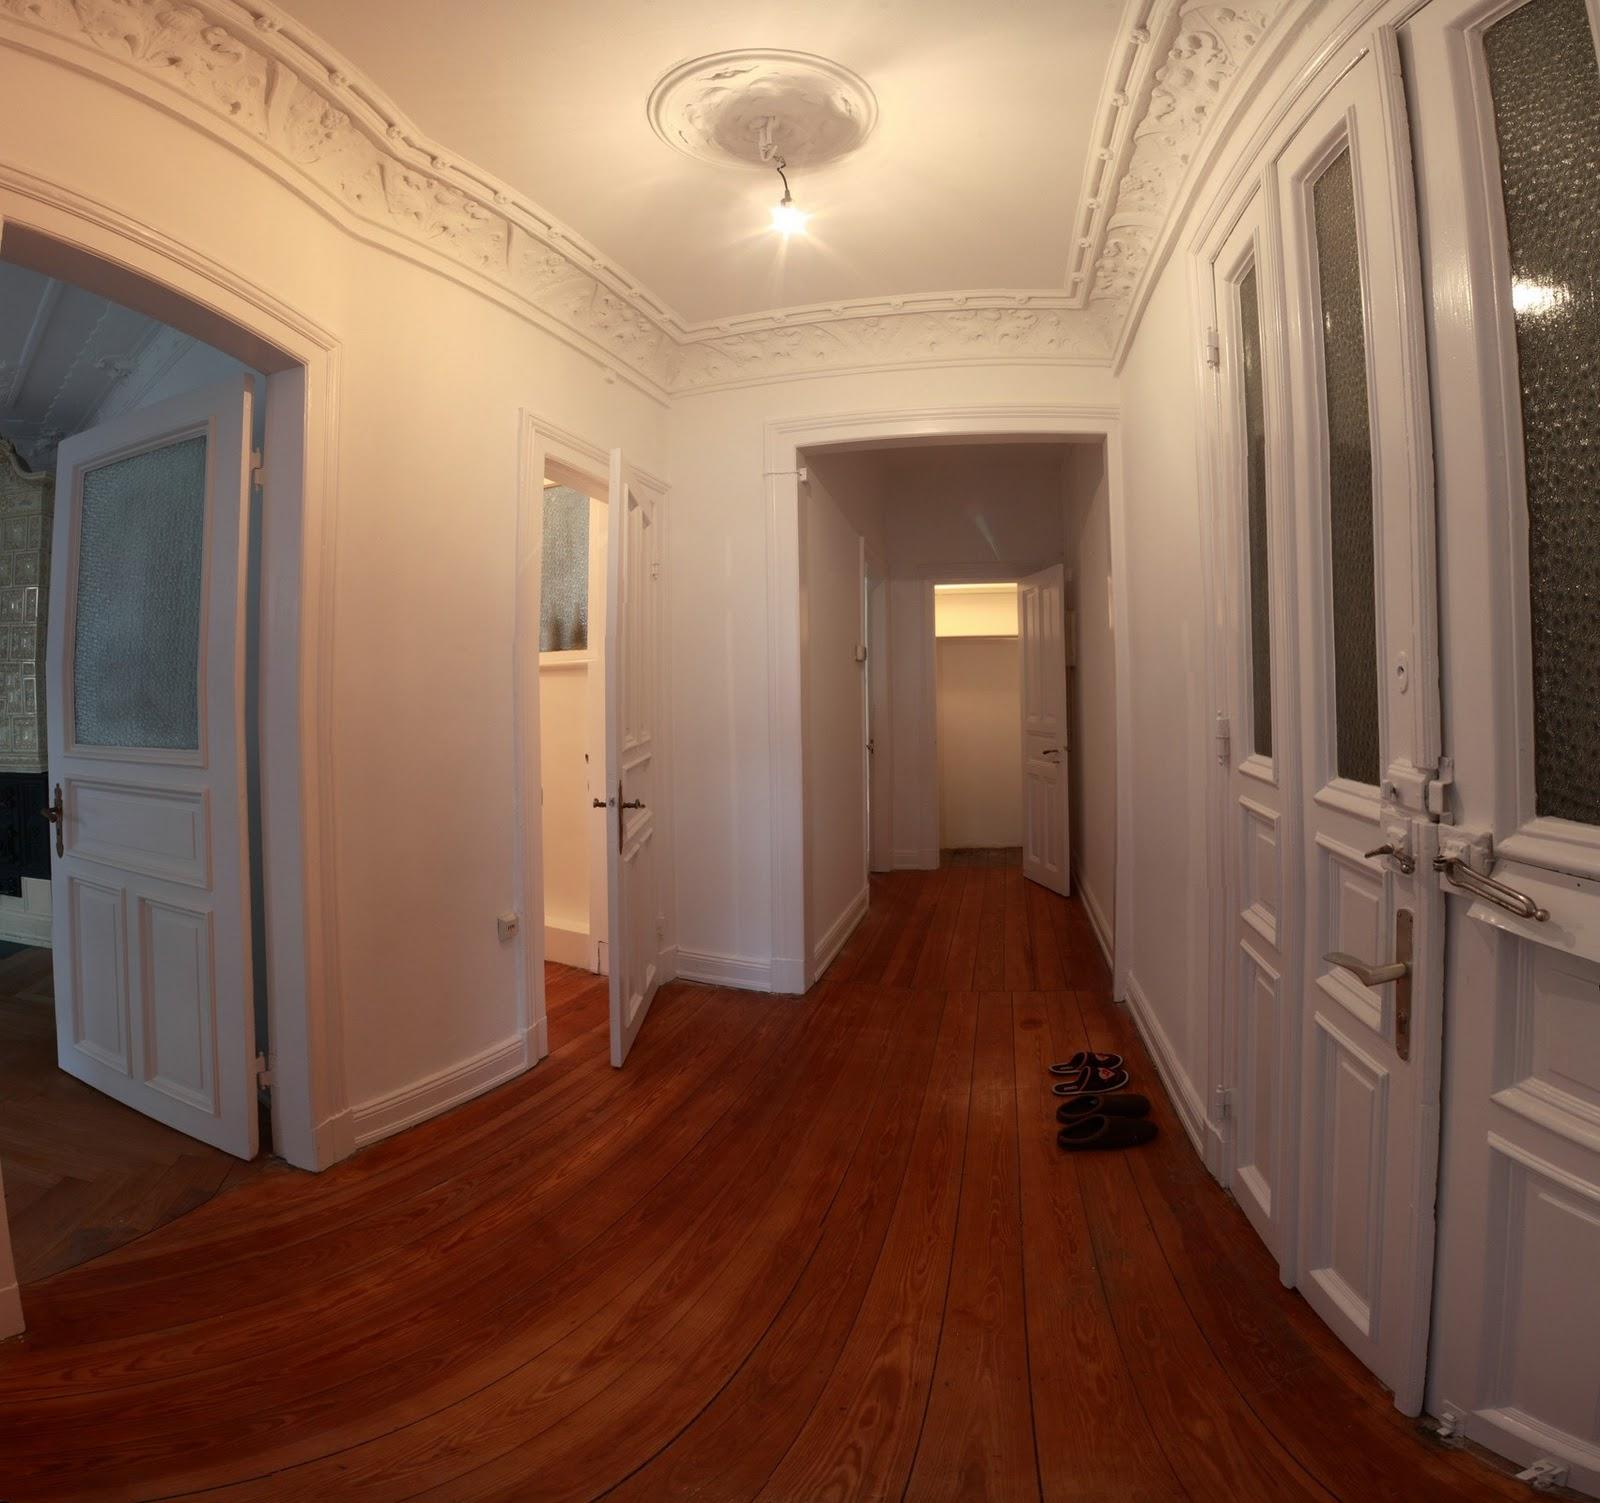 Unsere neue Wohnung: Weiter Bilder aus der Wohnung